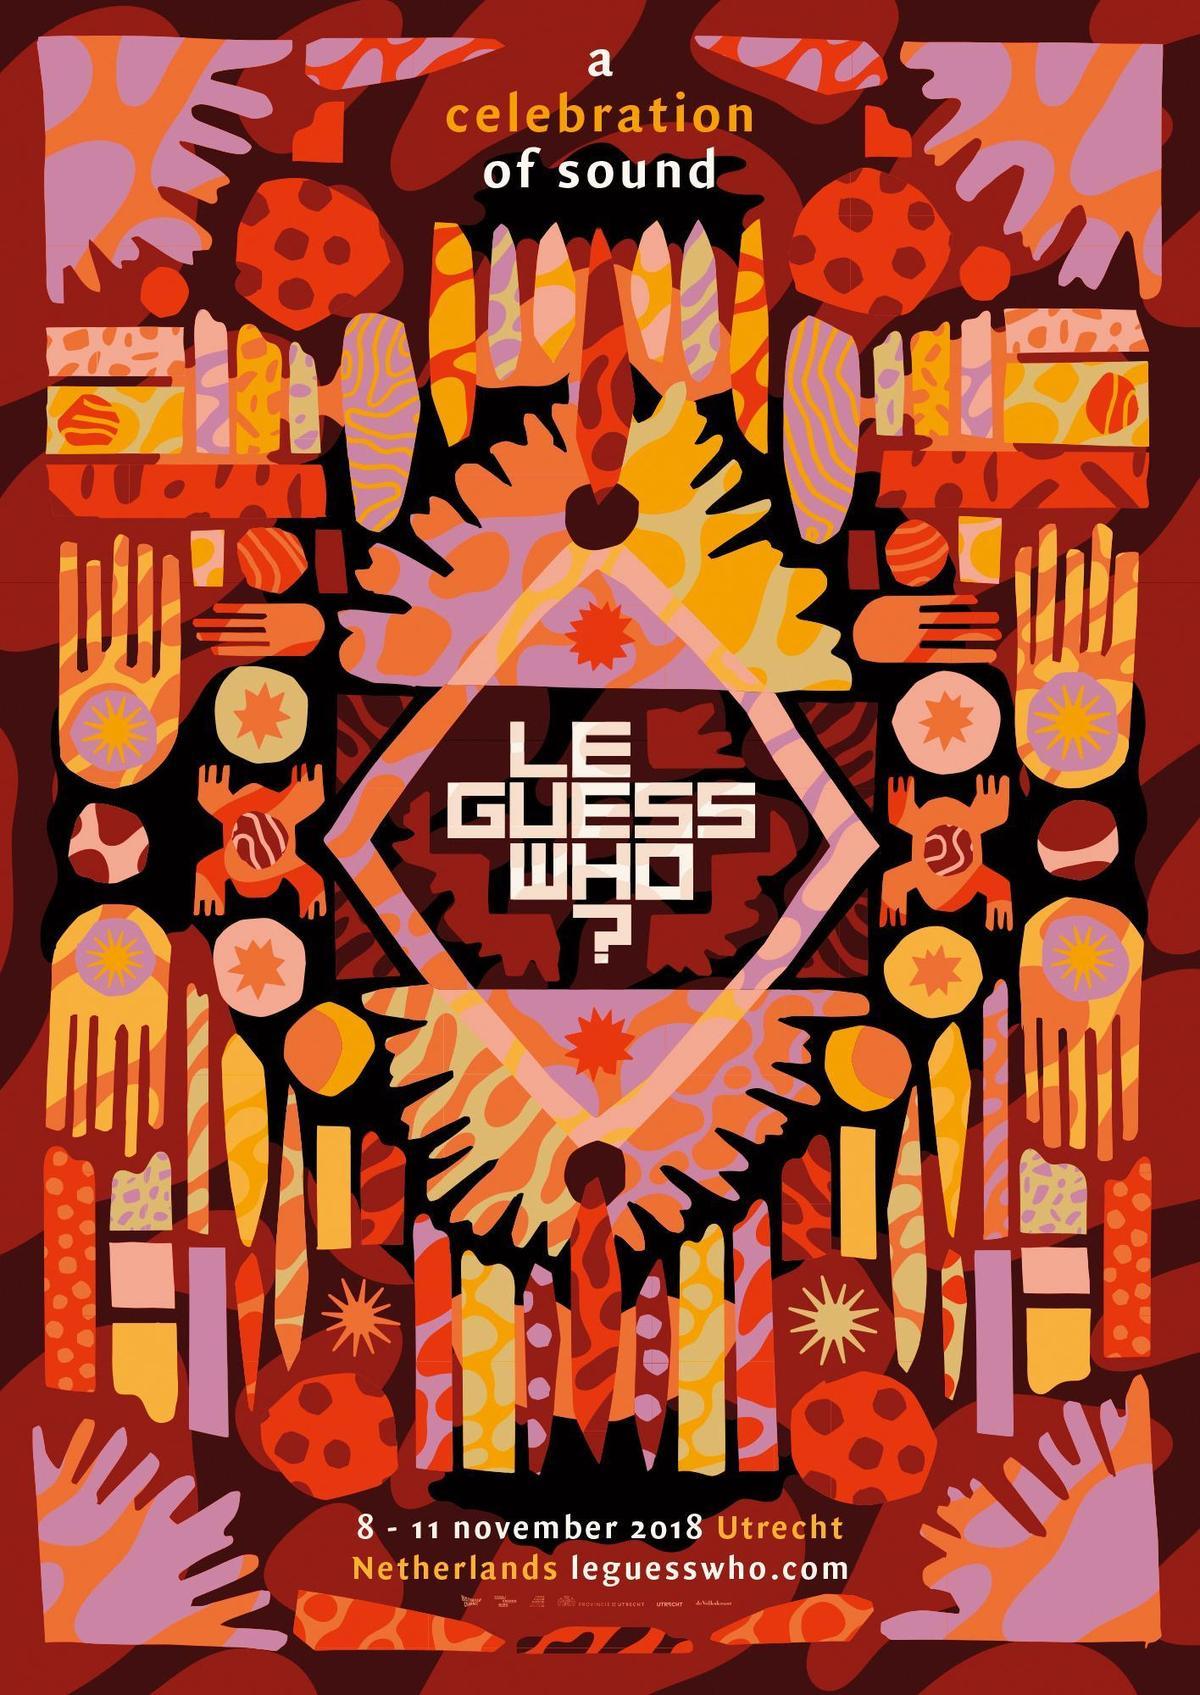 一年一度的 Le Guess Who?音樂節將於11月8日登場,今年的海報顏色繽紛。(翻攝自Le Guess Who?官網)